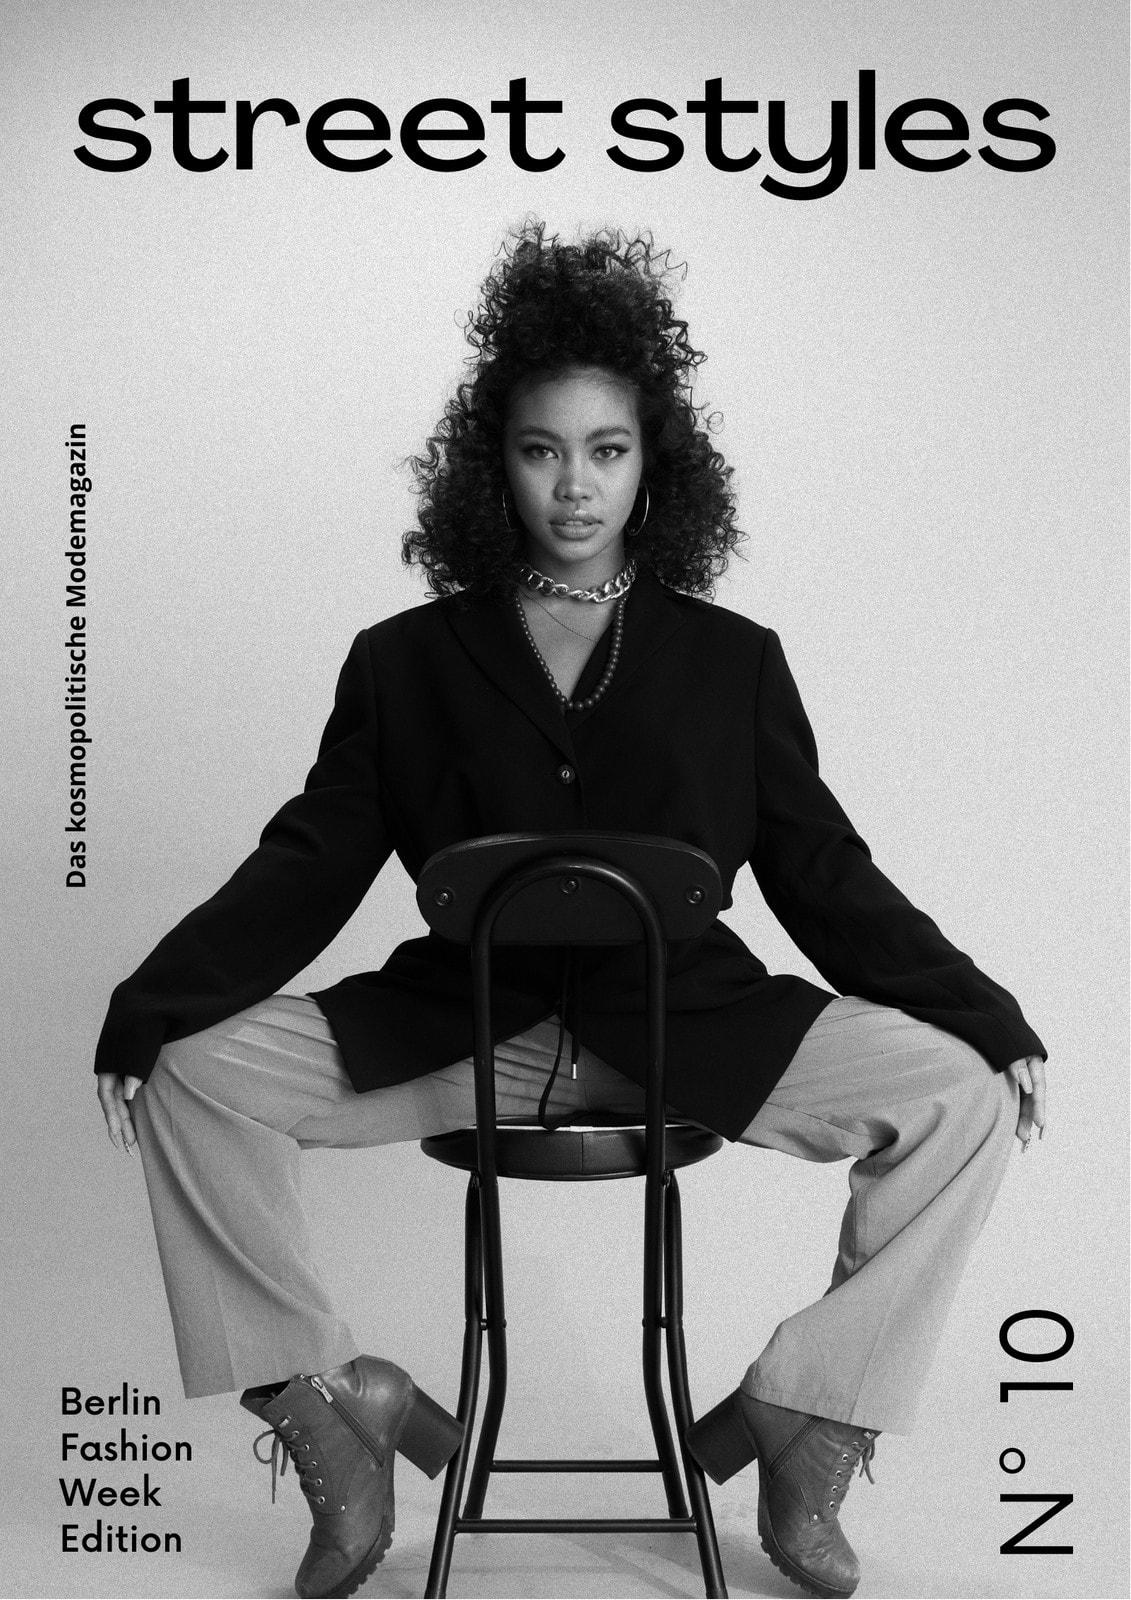 Schwarz-weißes Magazin-Cover Mit Foto Mode Street Styles